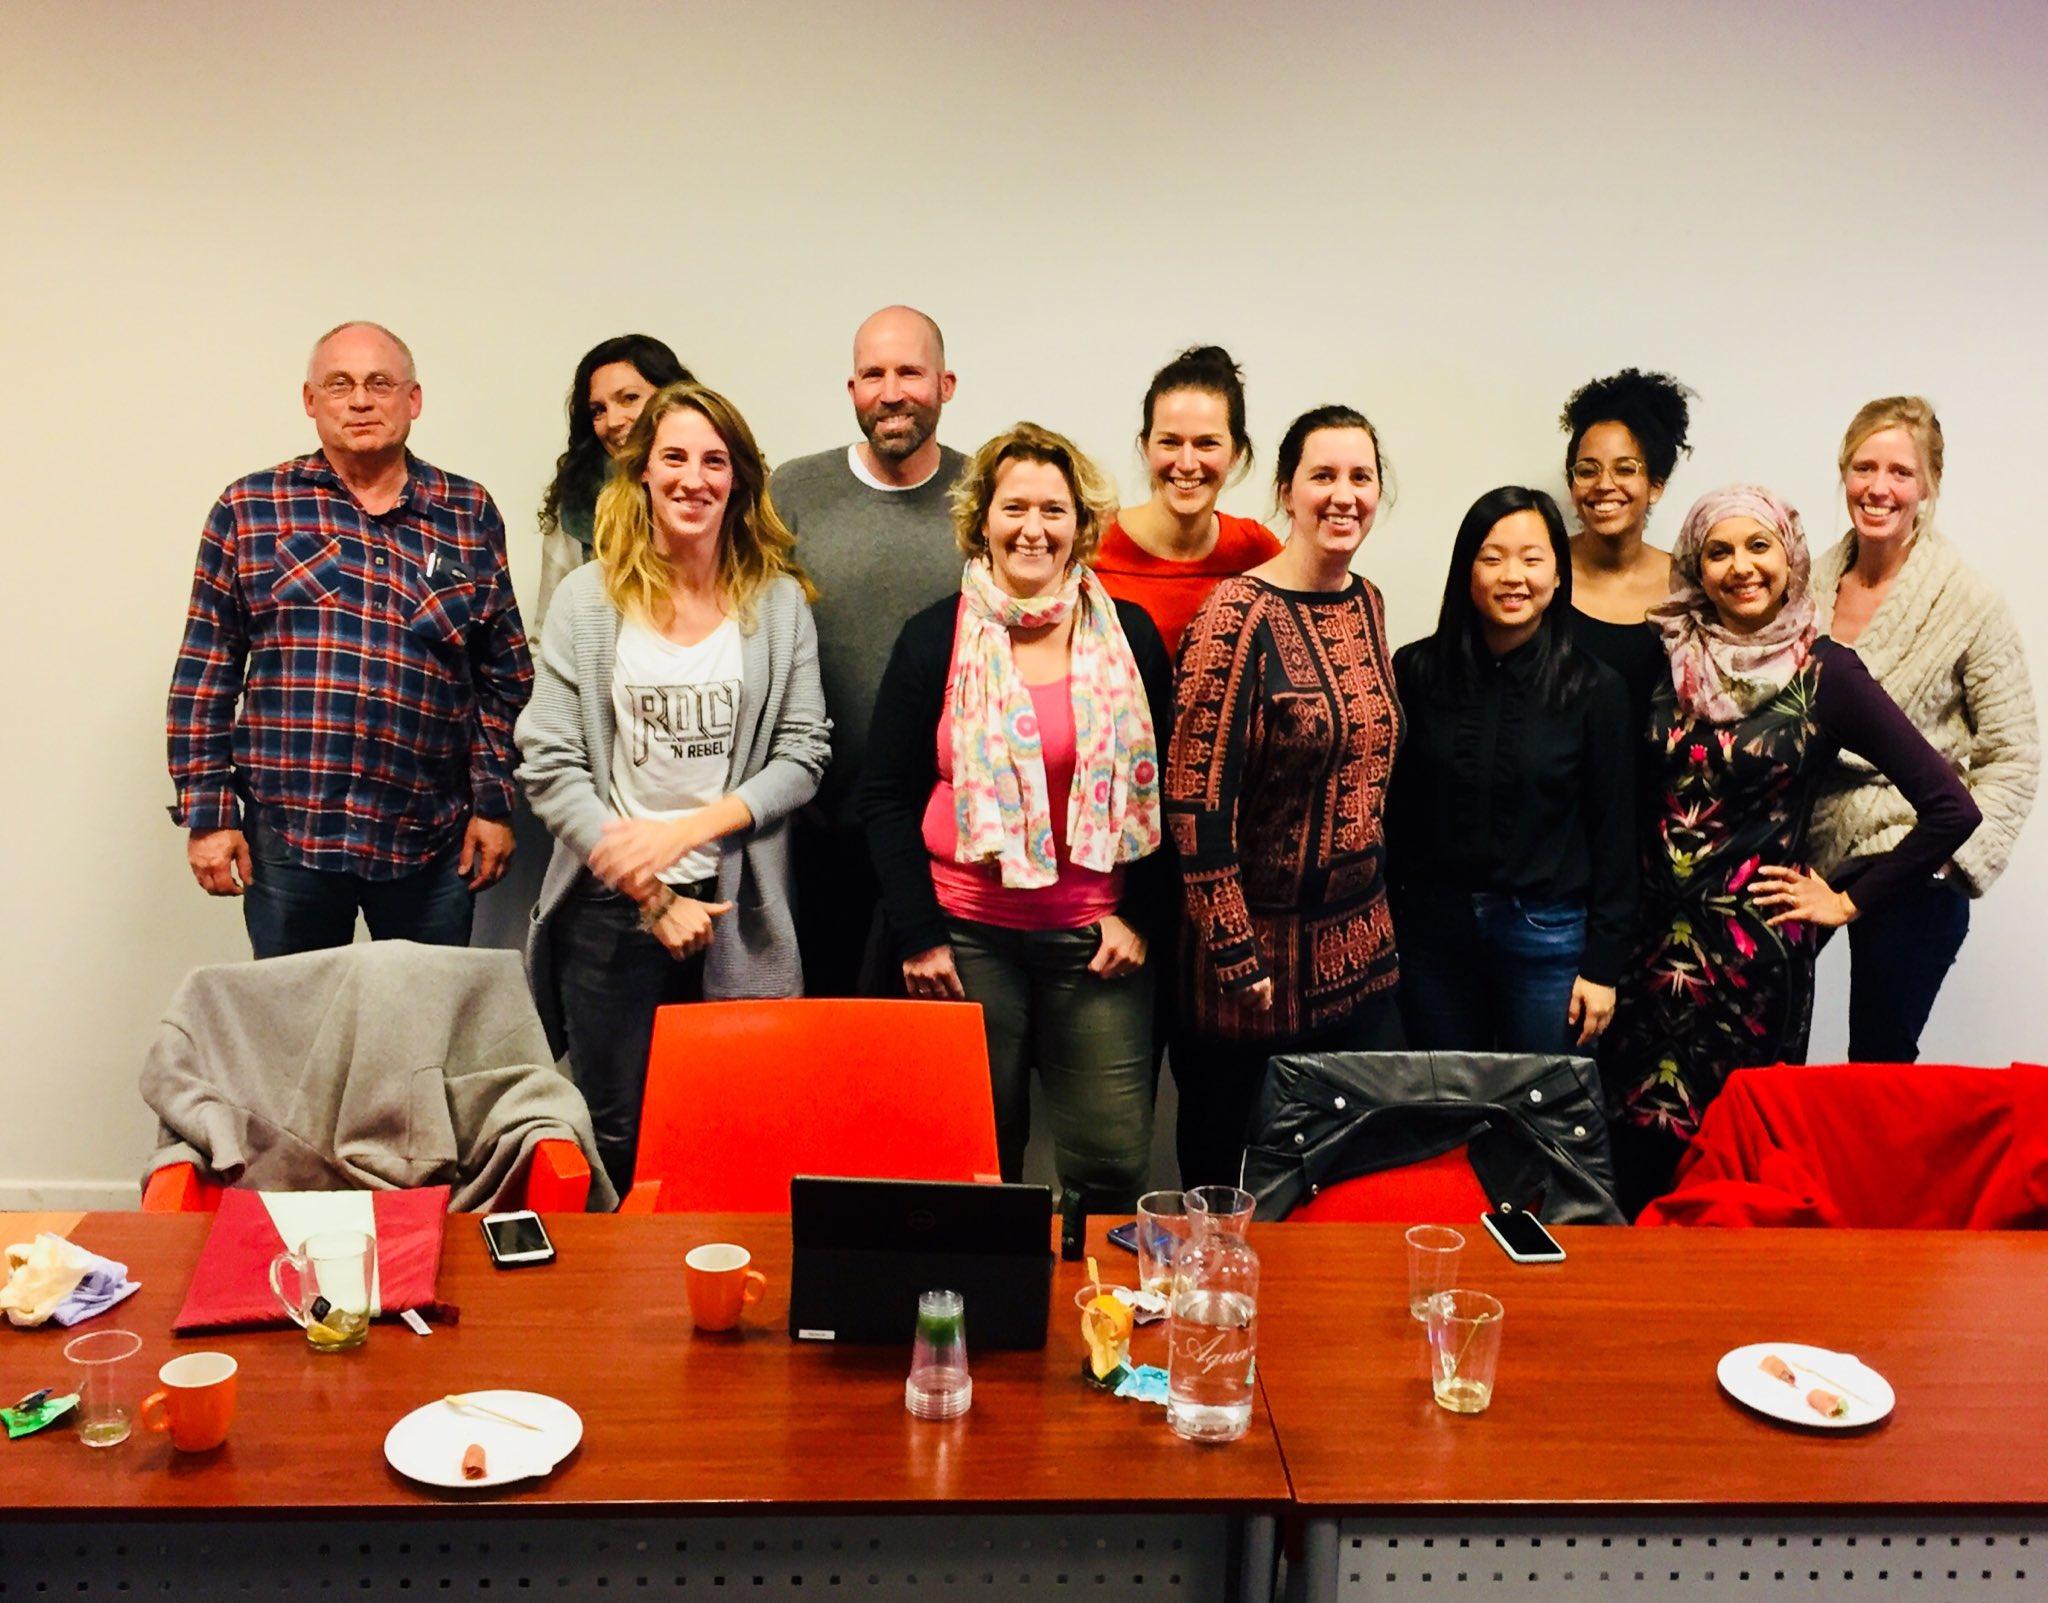 Leuke groep training #contentcreatie #storytelling @Frankwatching Dank voor jullie verhalen. https://t.co/PY7VwcgwYw